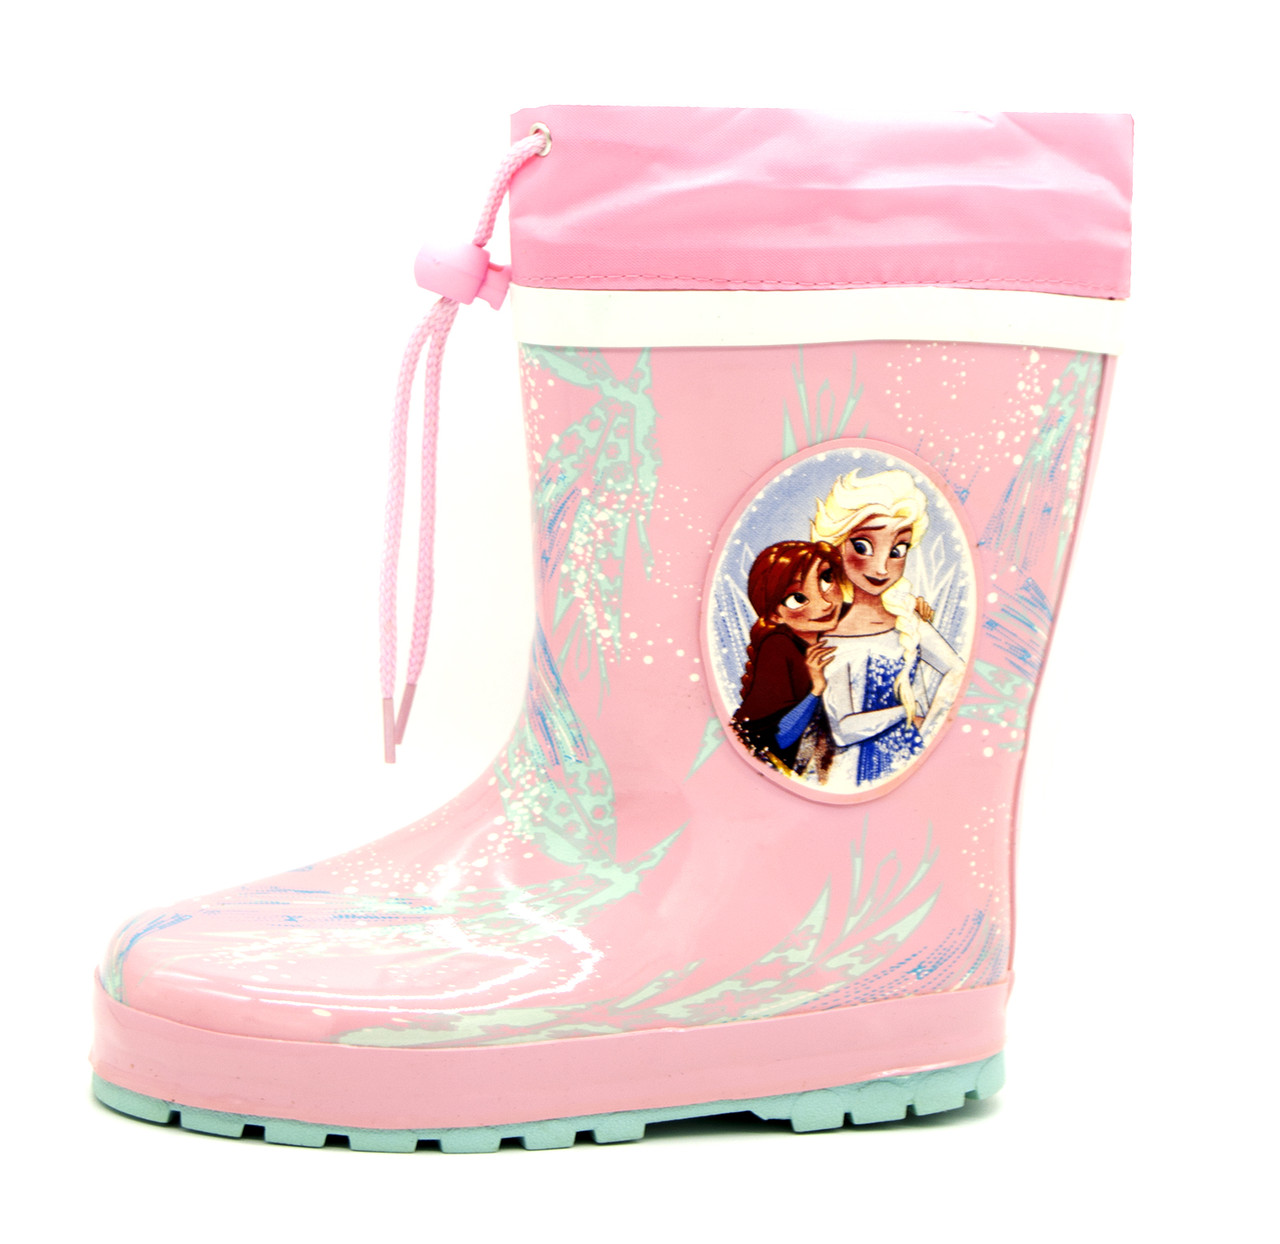 Резиновые сапоги для девочки Розовые Размеры: